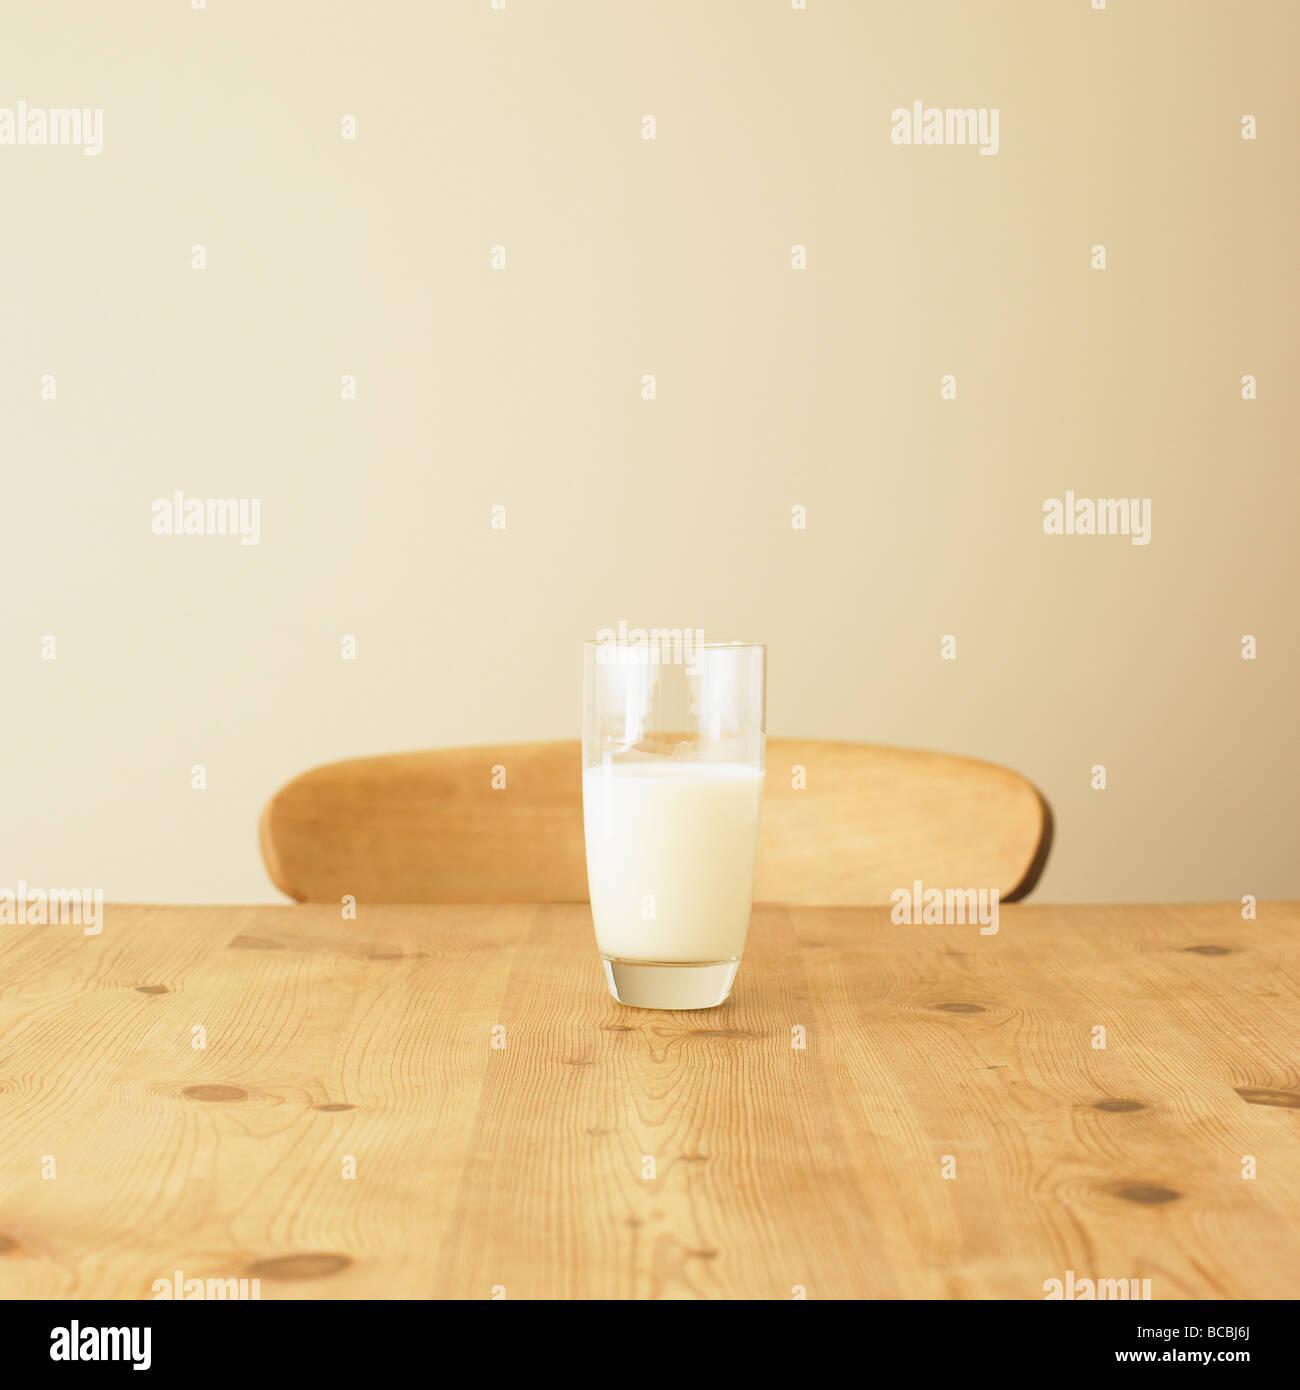 Vaso de leche en la mesa de la cocina de estilo rústico. Imagen De Stock